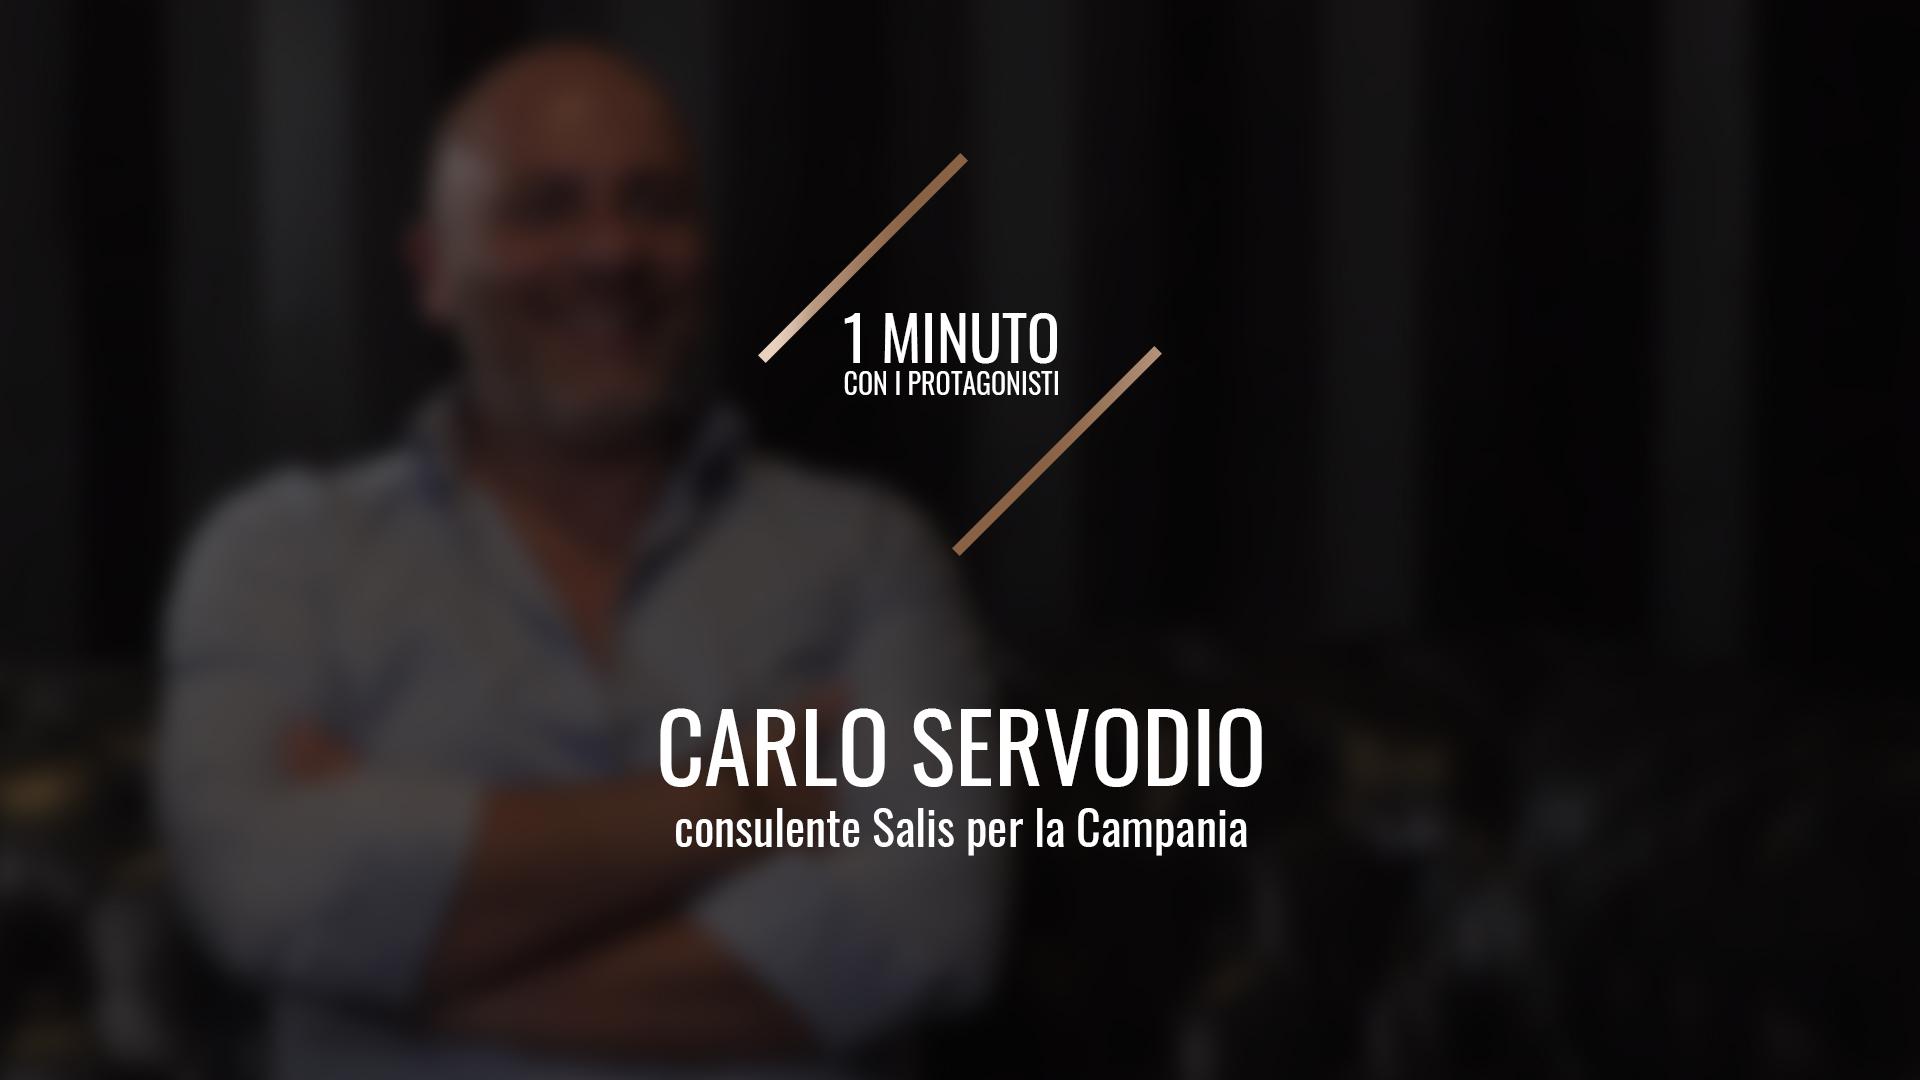 Carlo Servodio, Consulente Salis per la Campania